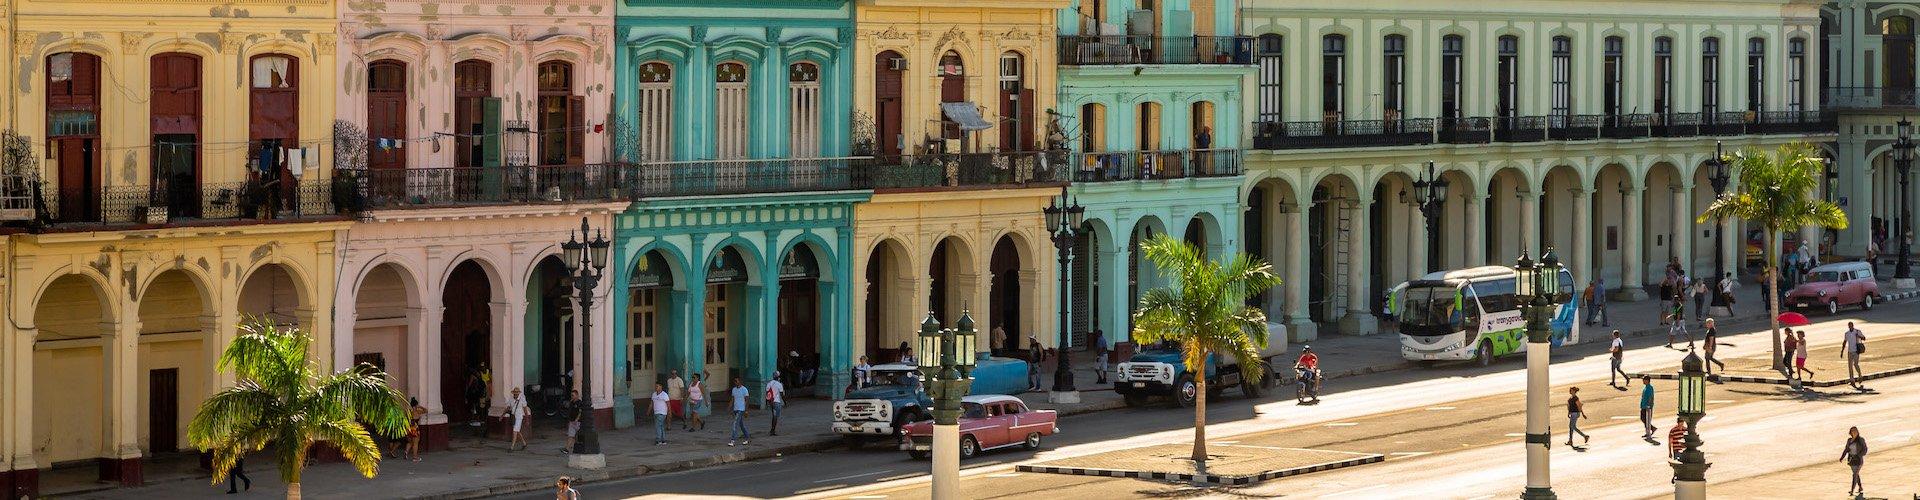 Ausflugsziel Havanna